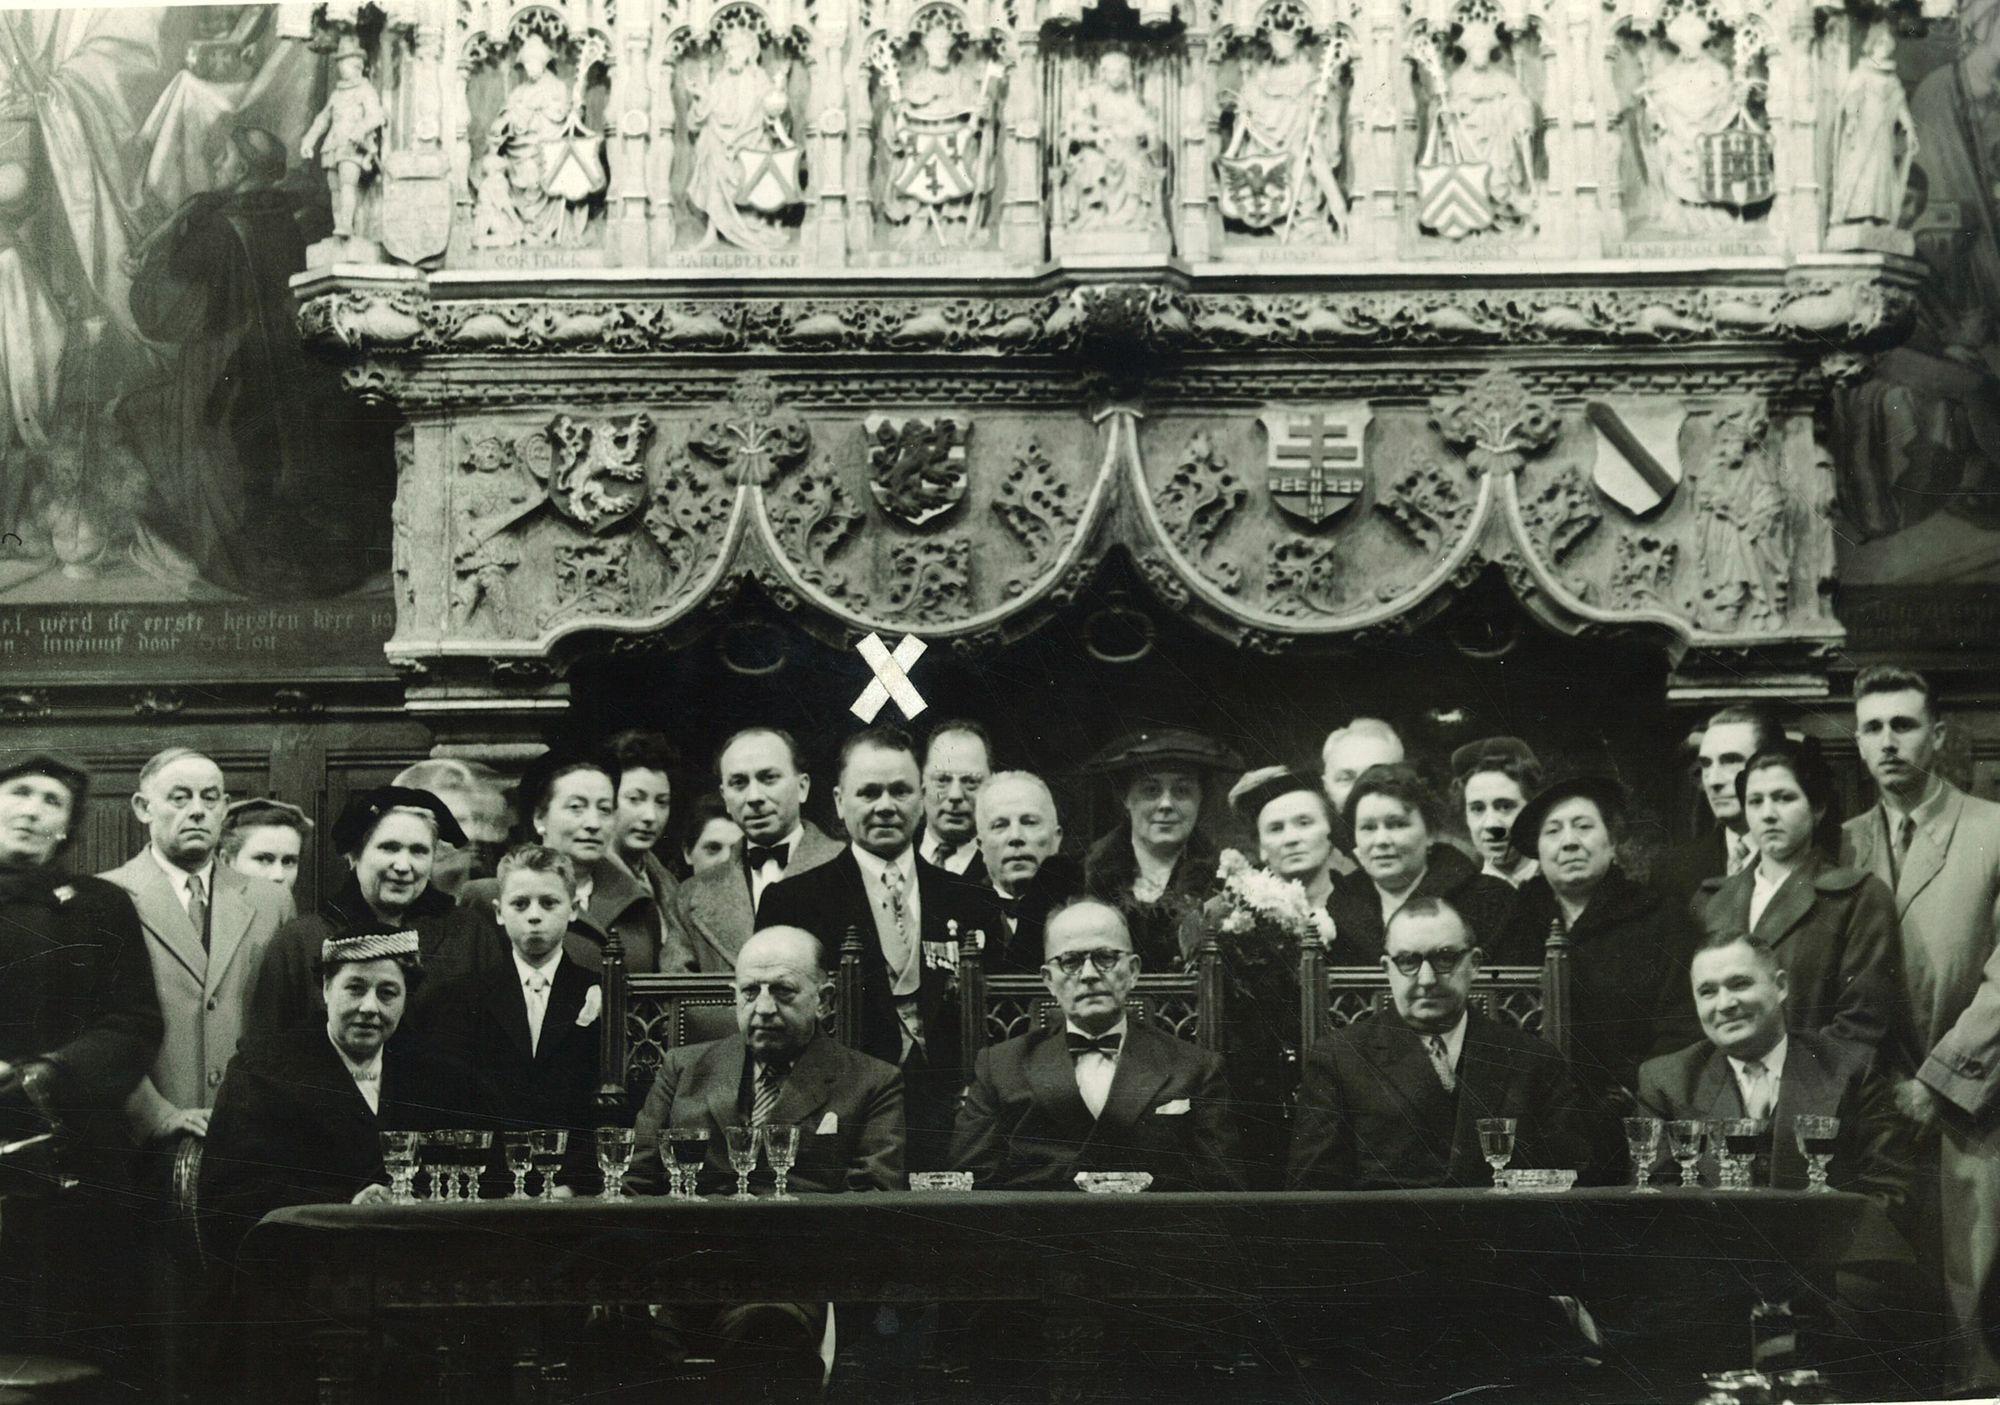 Huldiging Robert Vantieghem in historische schepenzaal